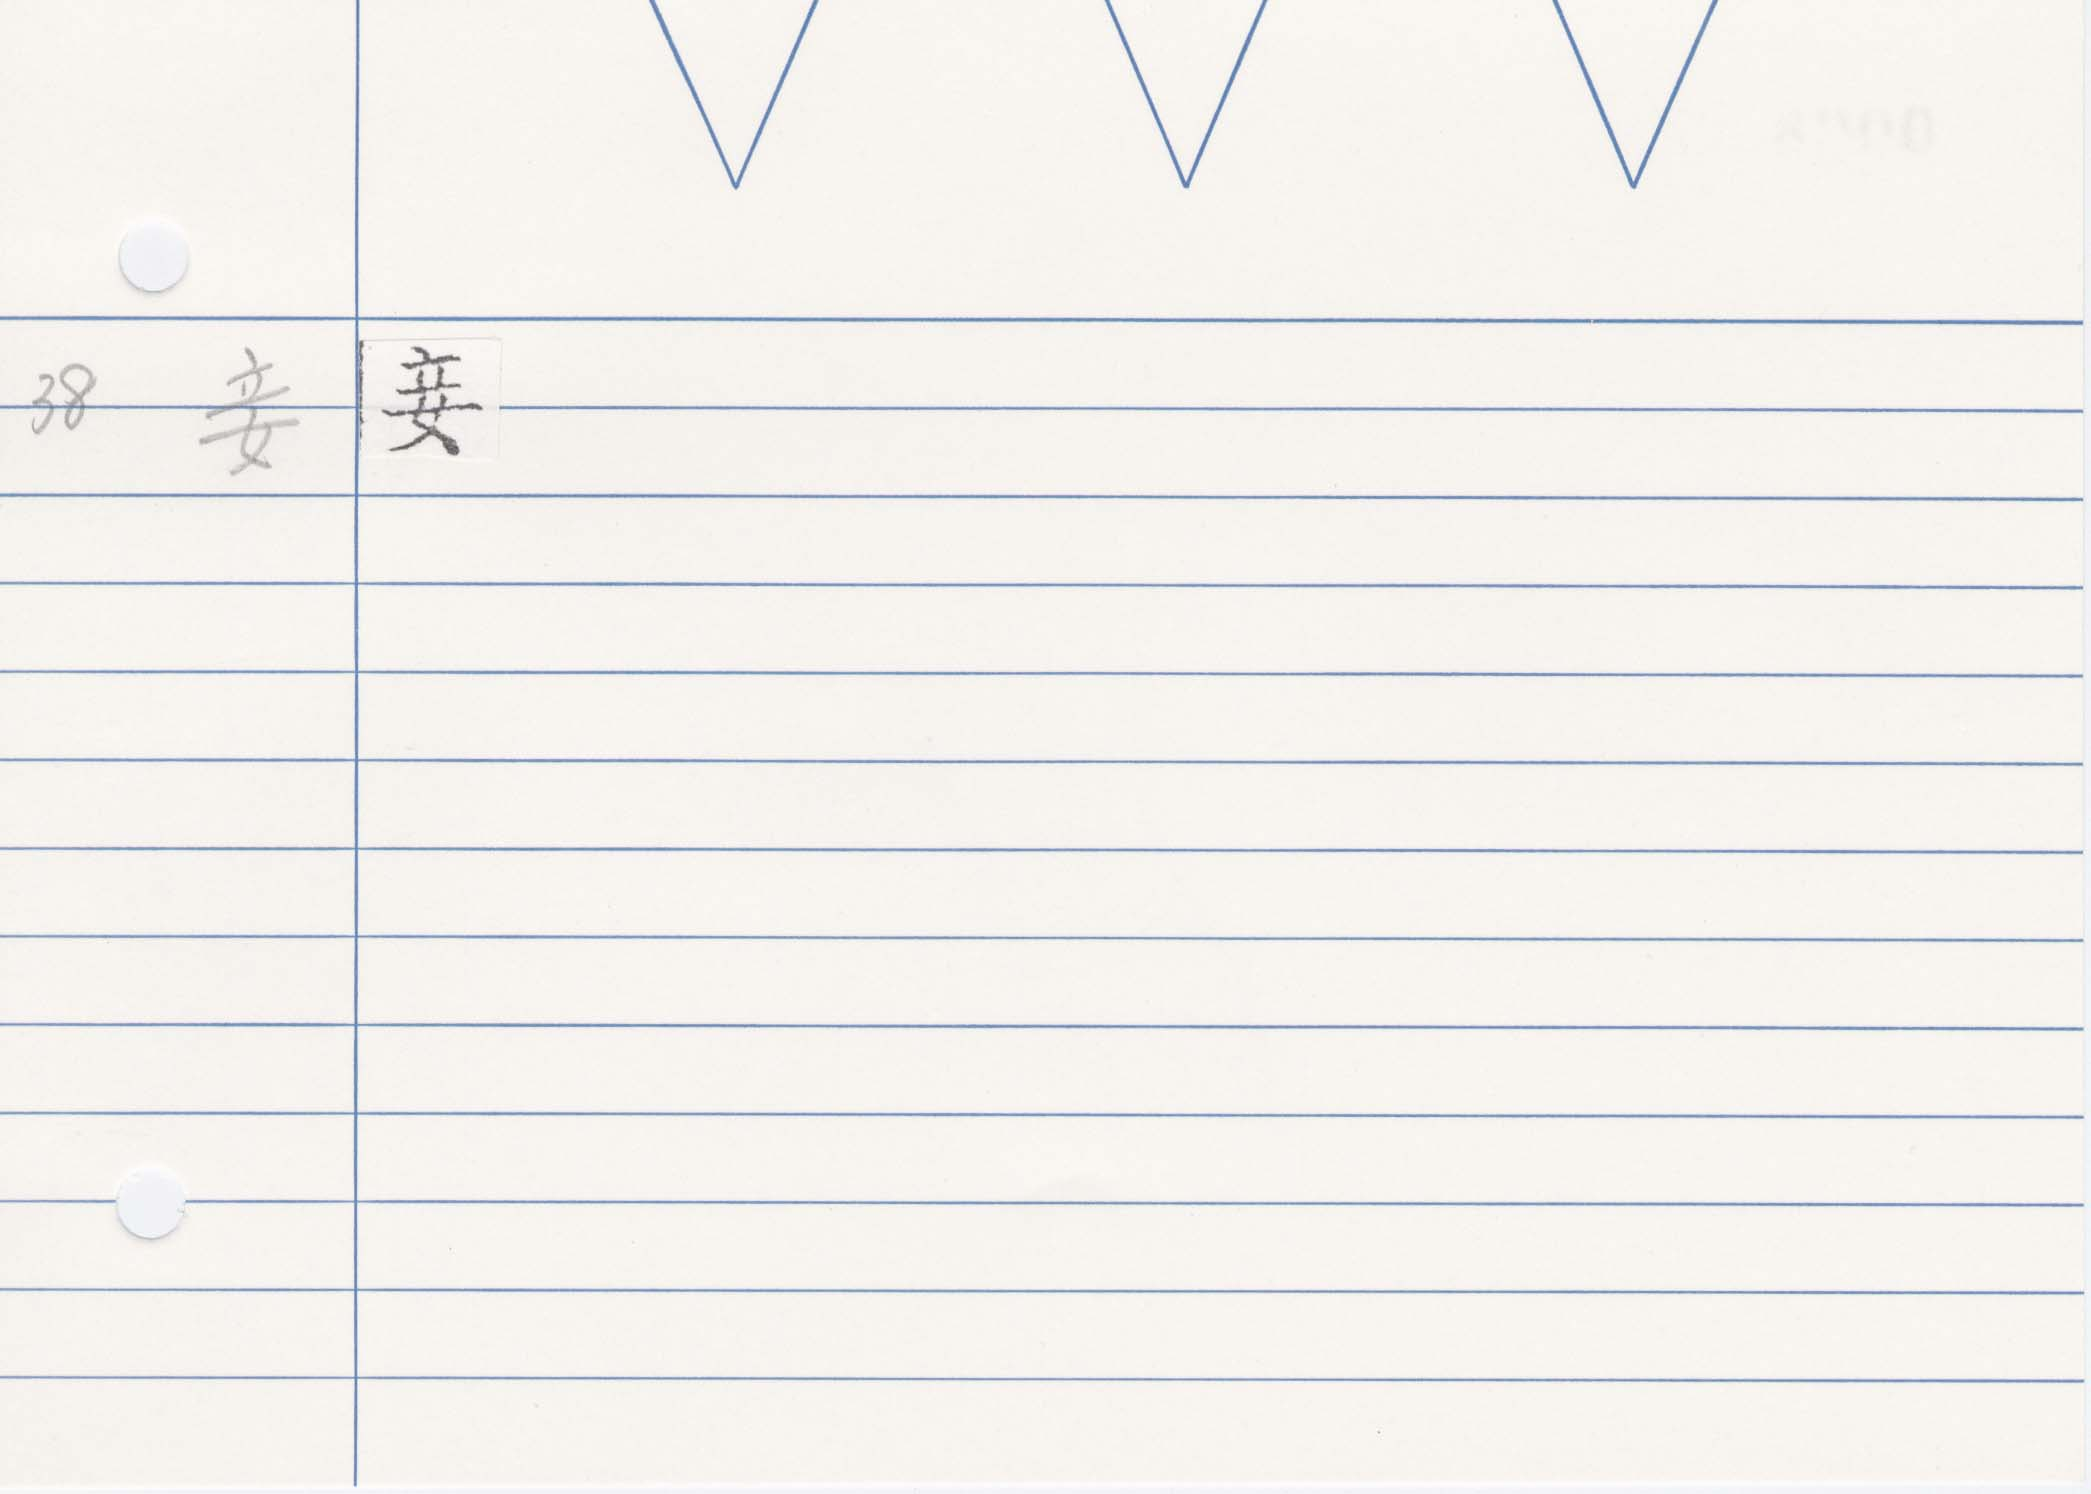 26_齊民要術卷五(高山寺本)/cards/0068.jpg